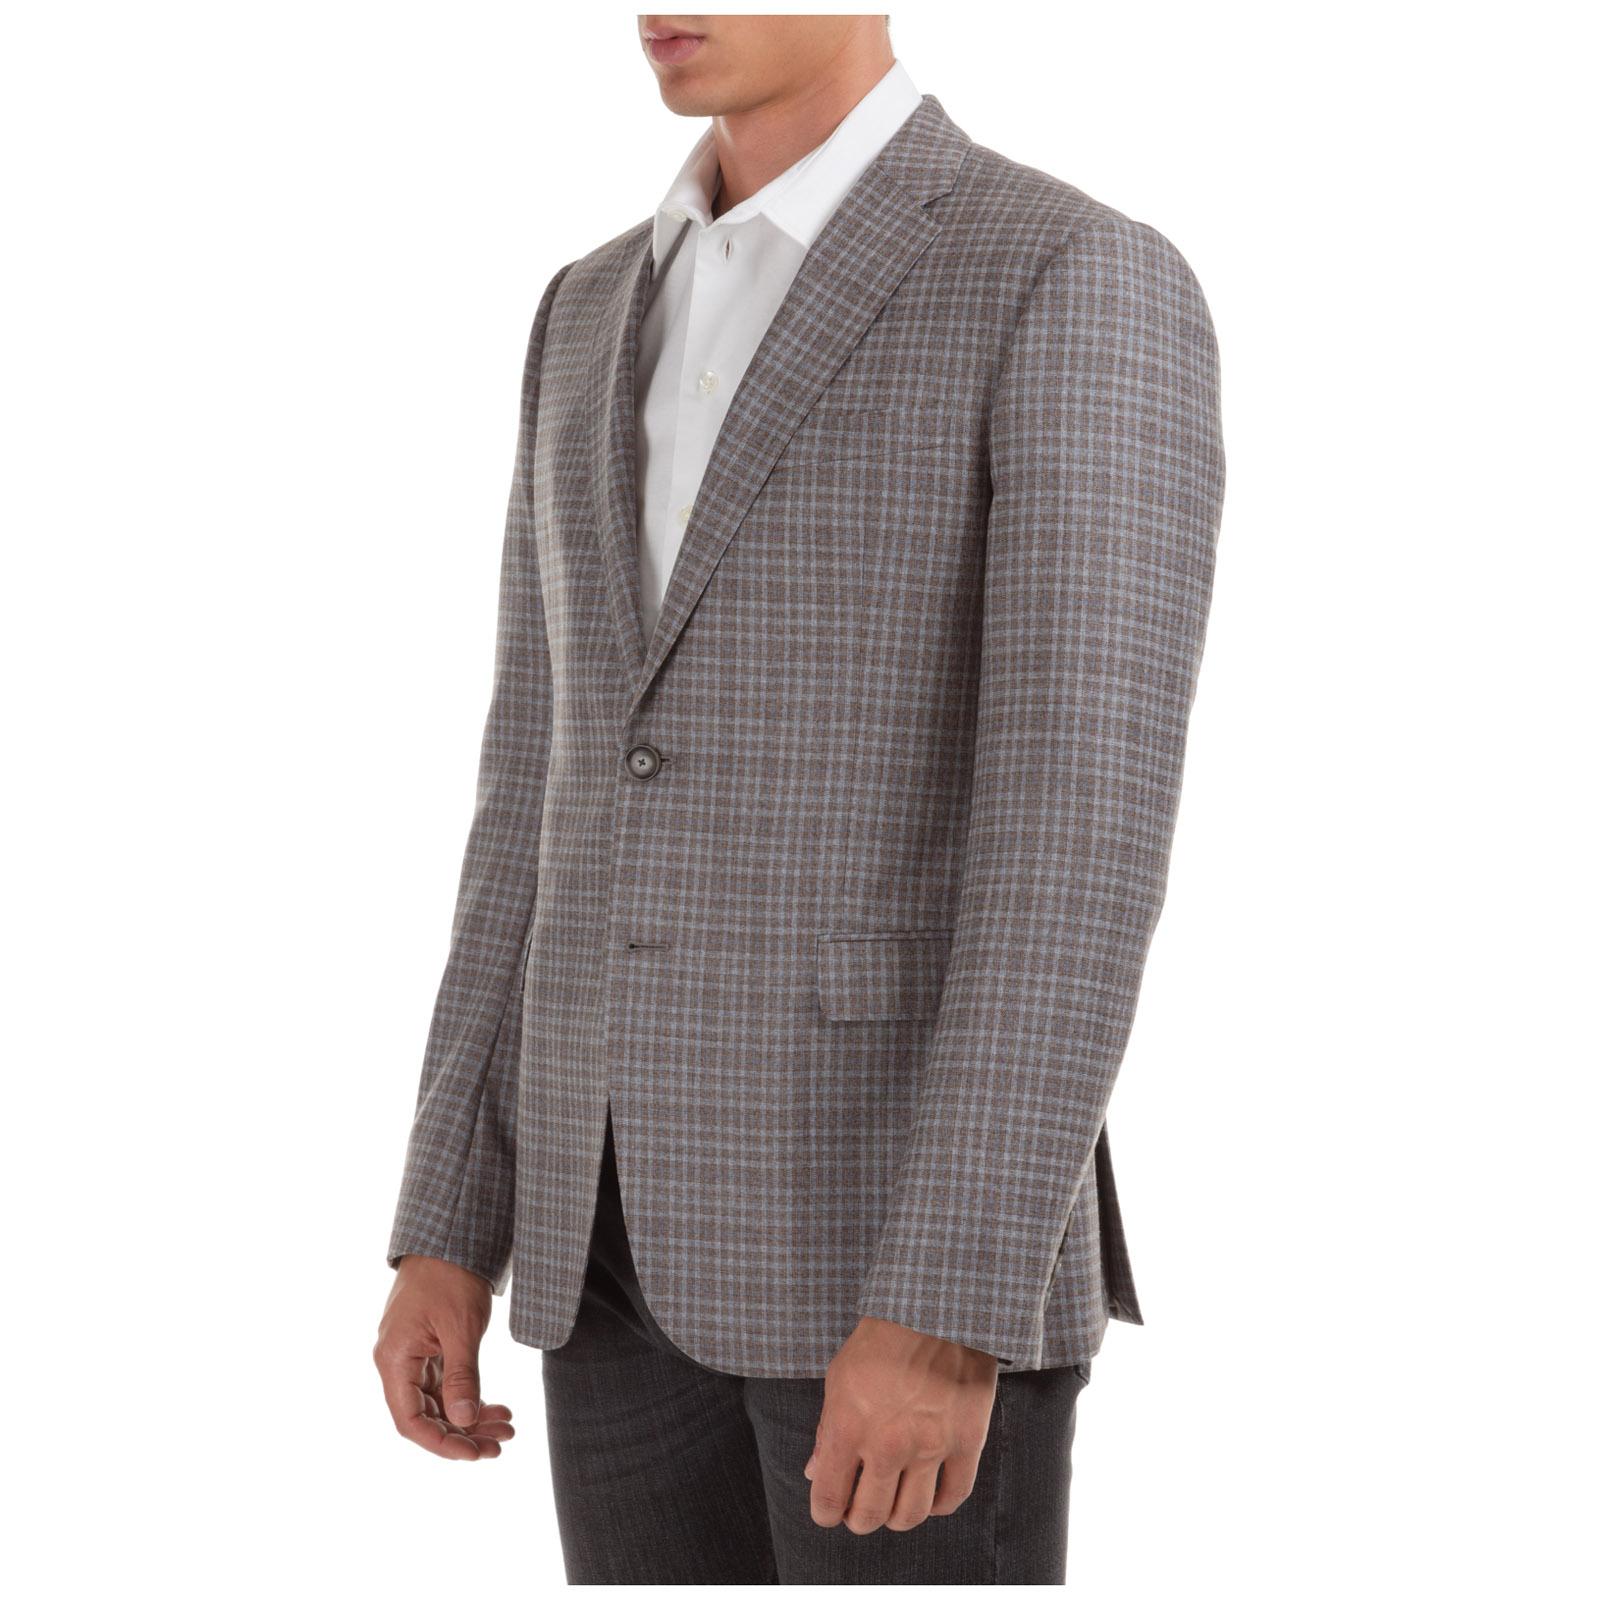 Cazadoras hombres americana de lana chaqueta